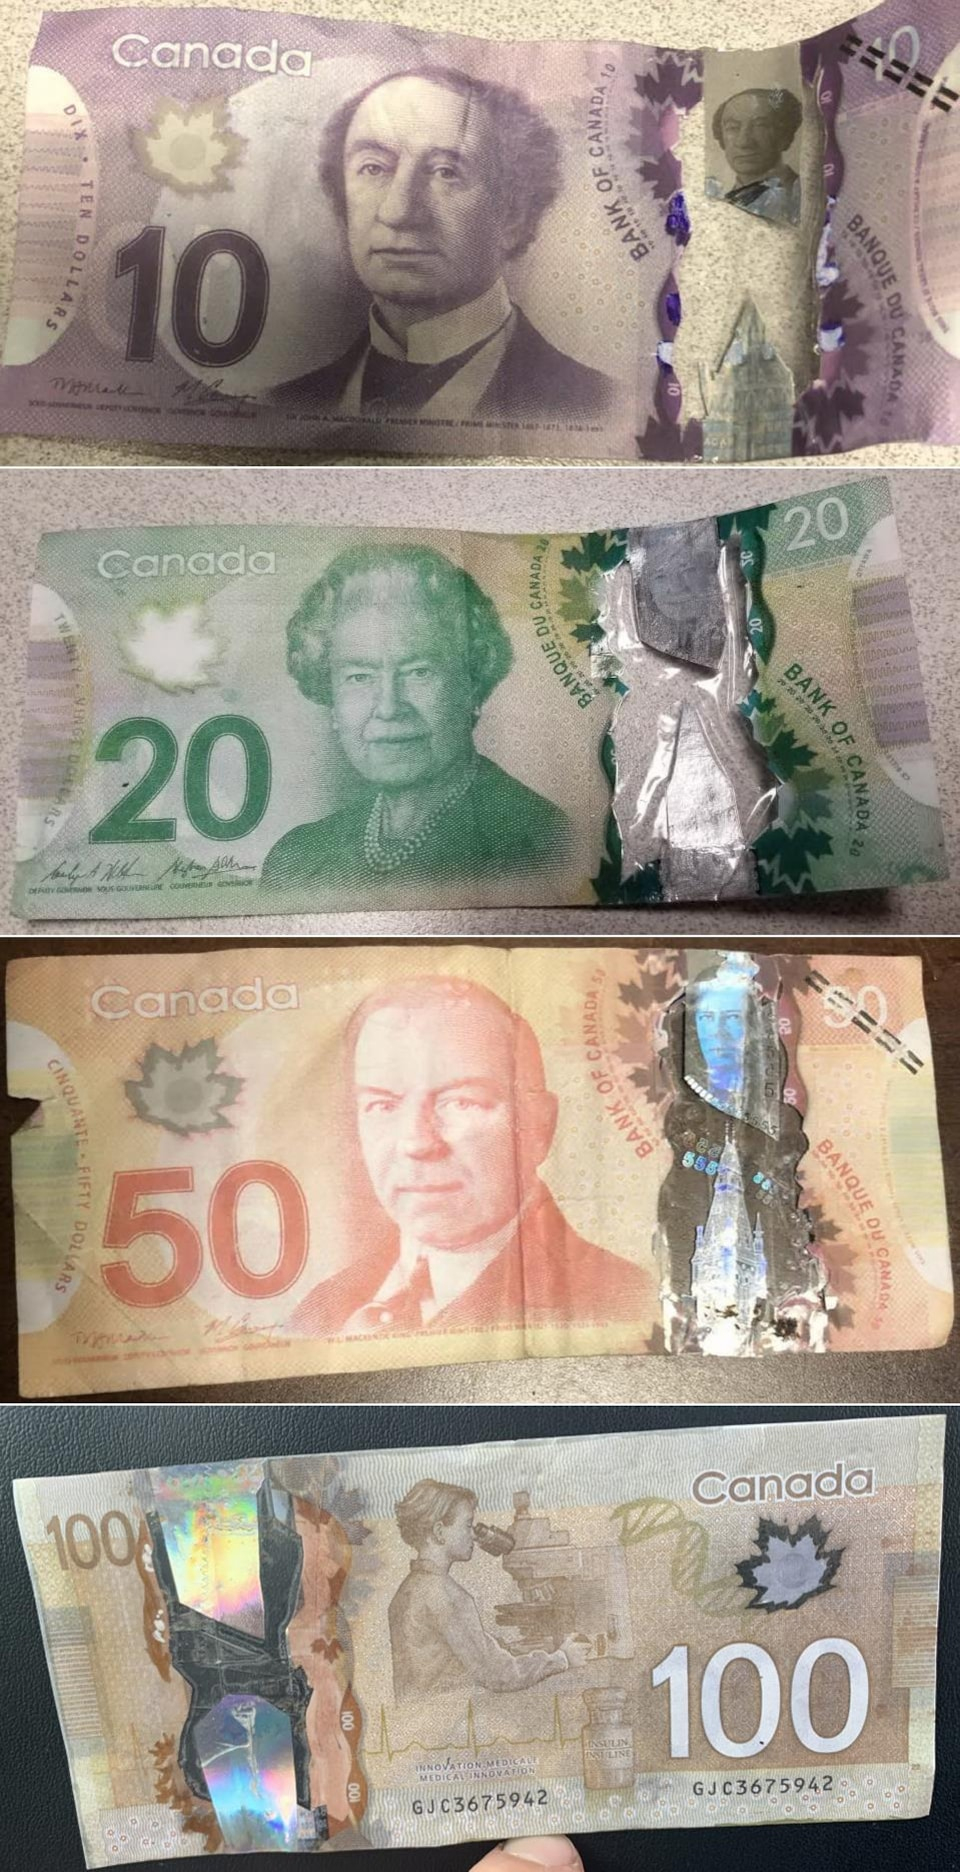 Plusieurs Faux Billets De Banque Circulent À Moncton | Radio intérieur Imprimer Faux Billet